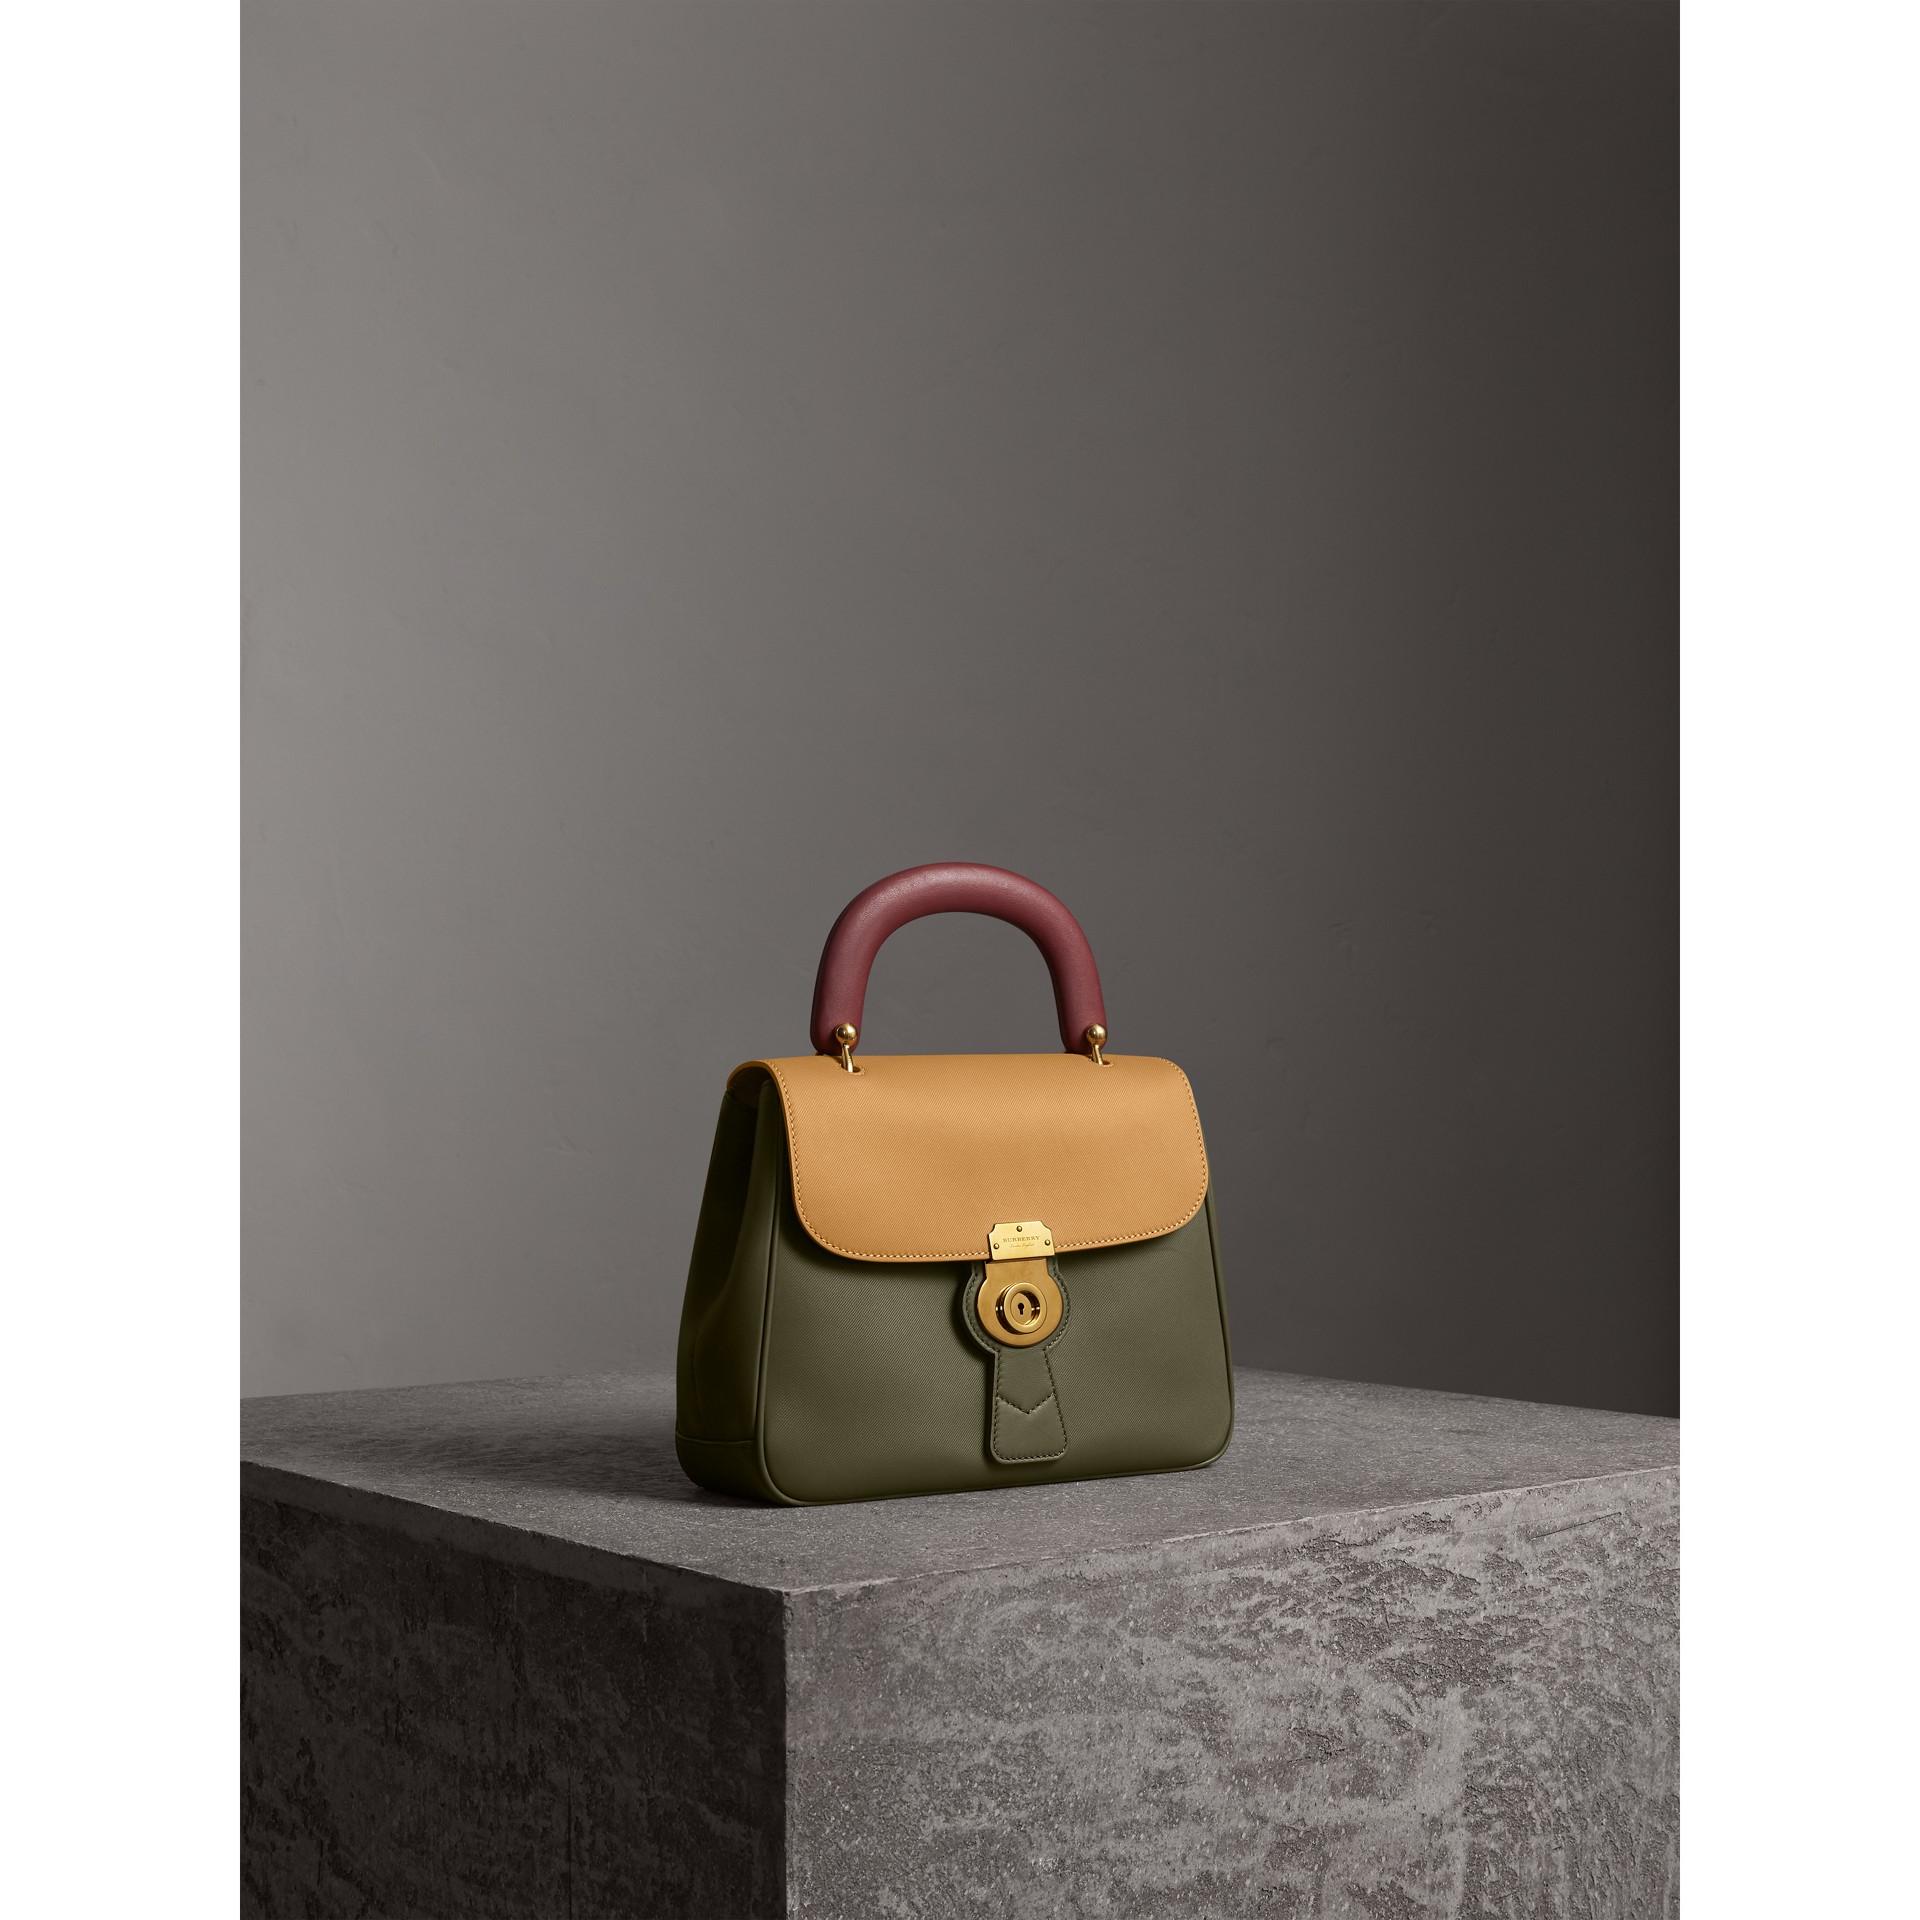 Bolsa de mão DK88 - Média (Verde Musgo/amarelo Ocre) - Mulheres | Burberry - galeria de imagens 7